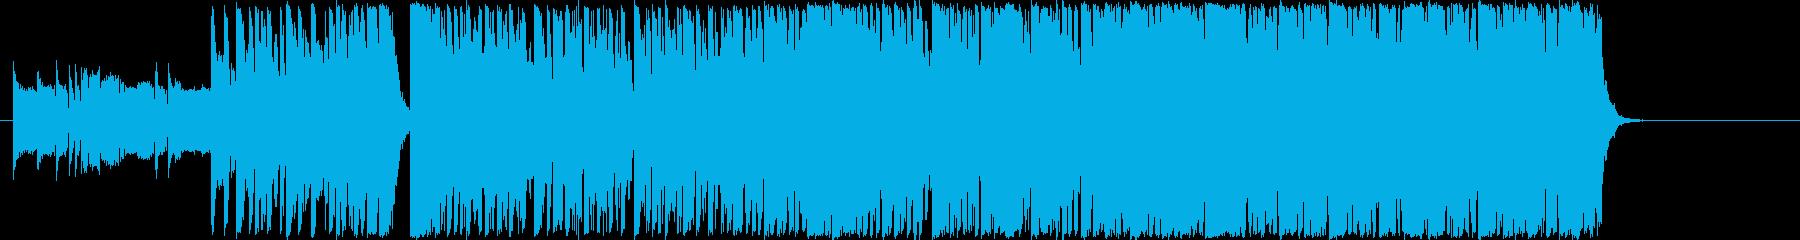 アグレッシブなミッションドラムベースのみの再生済みの波形